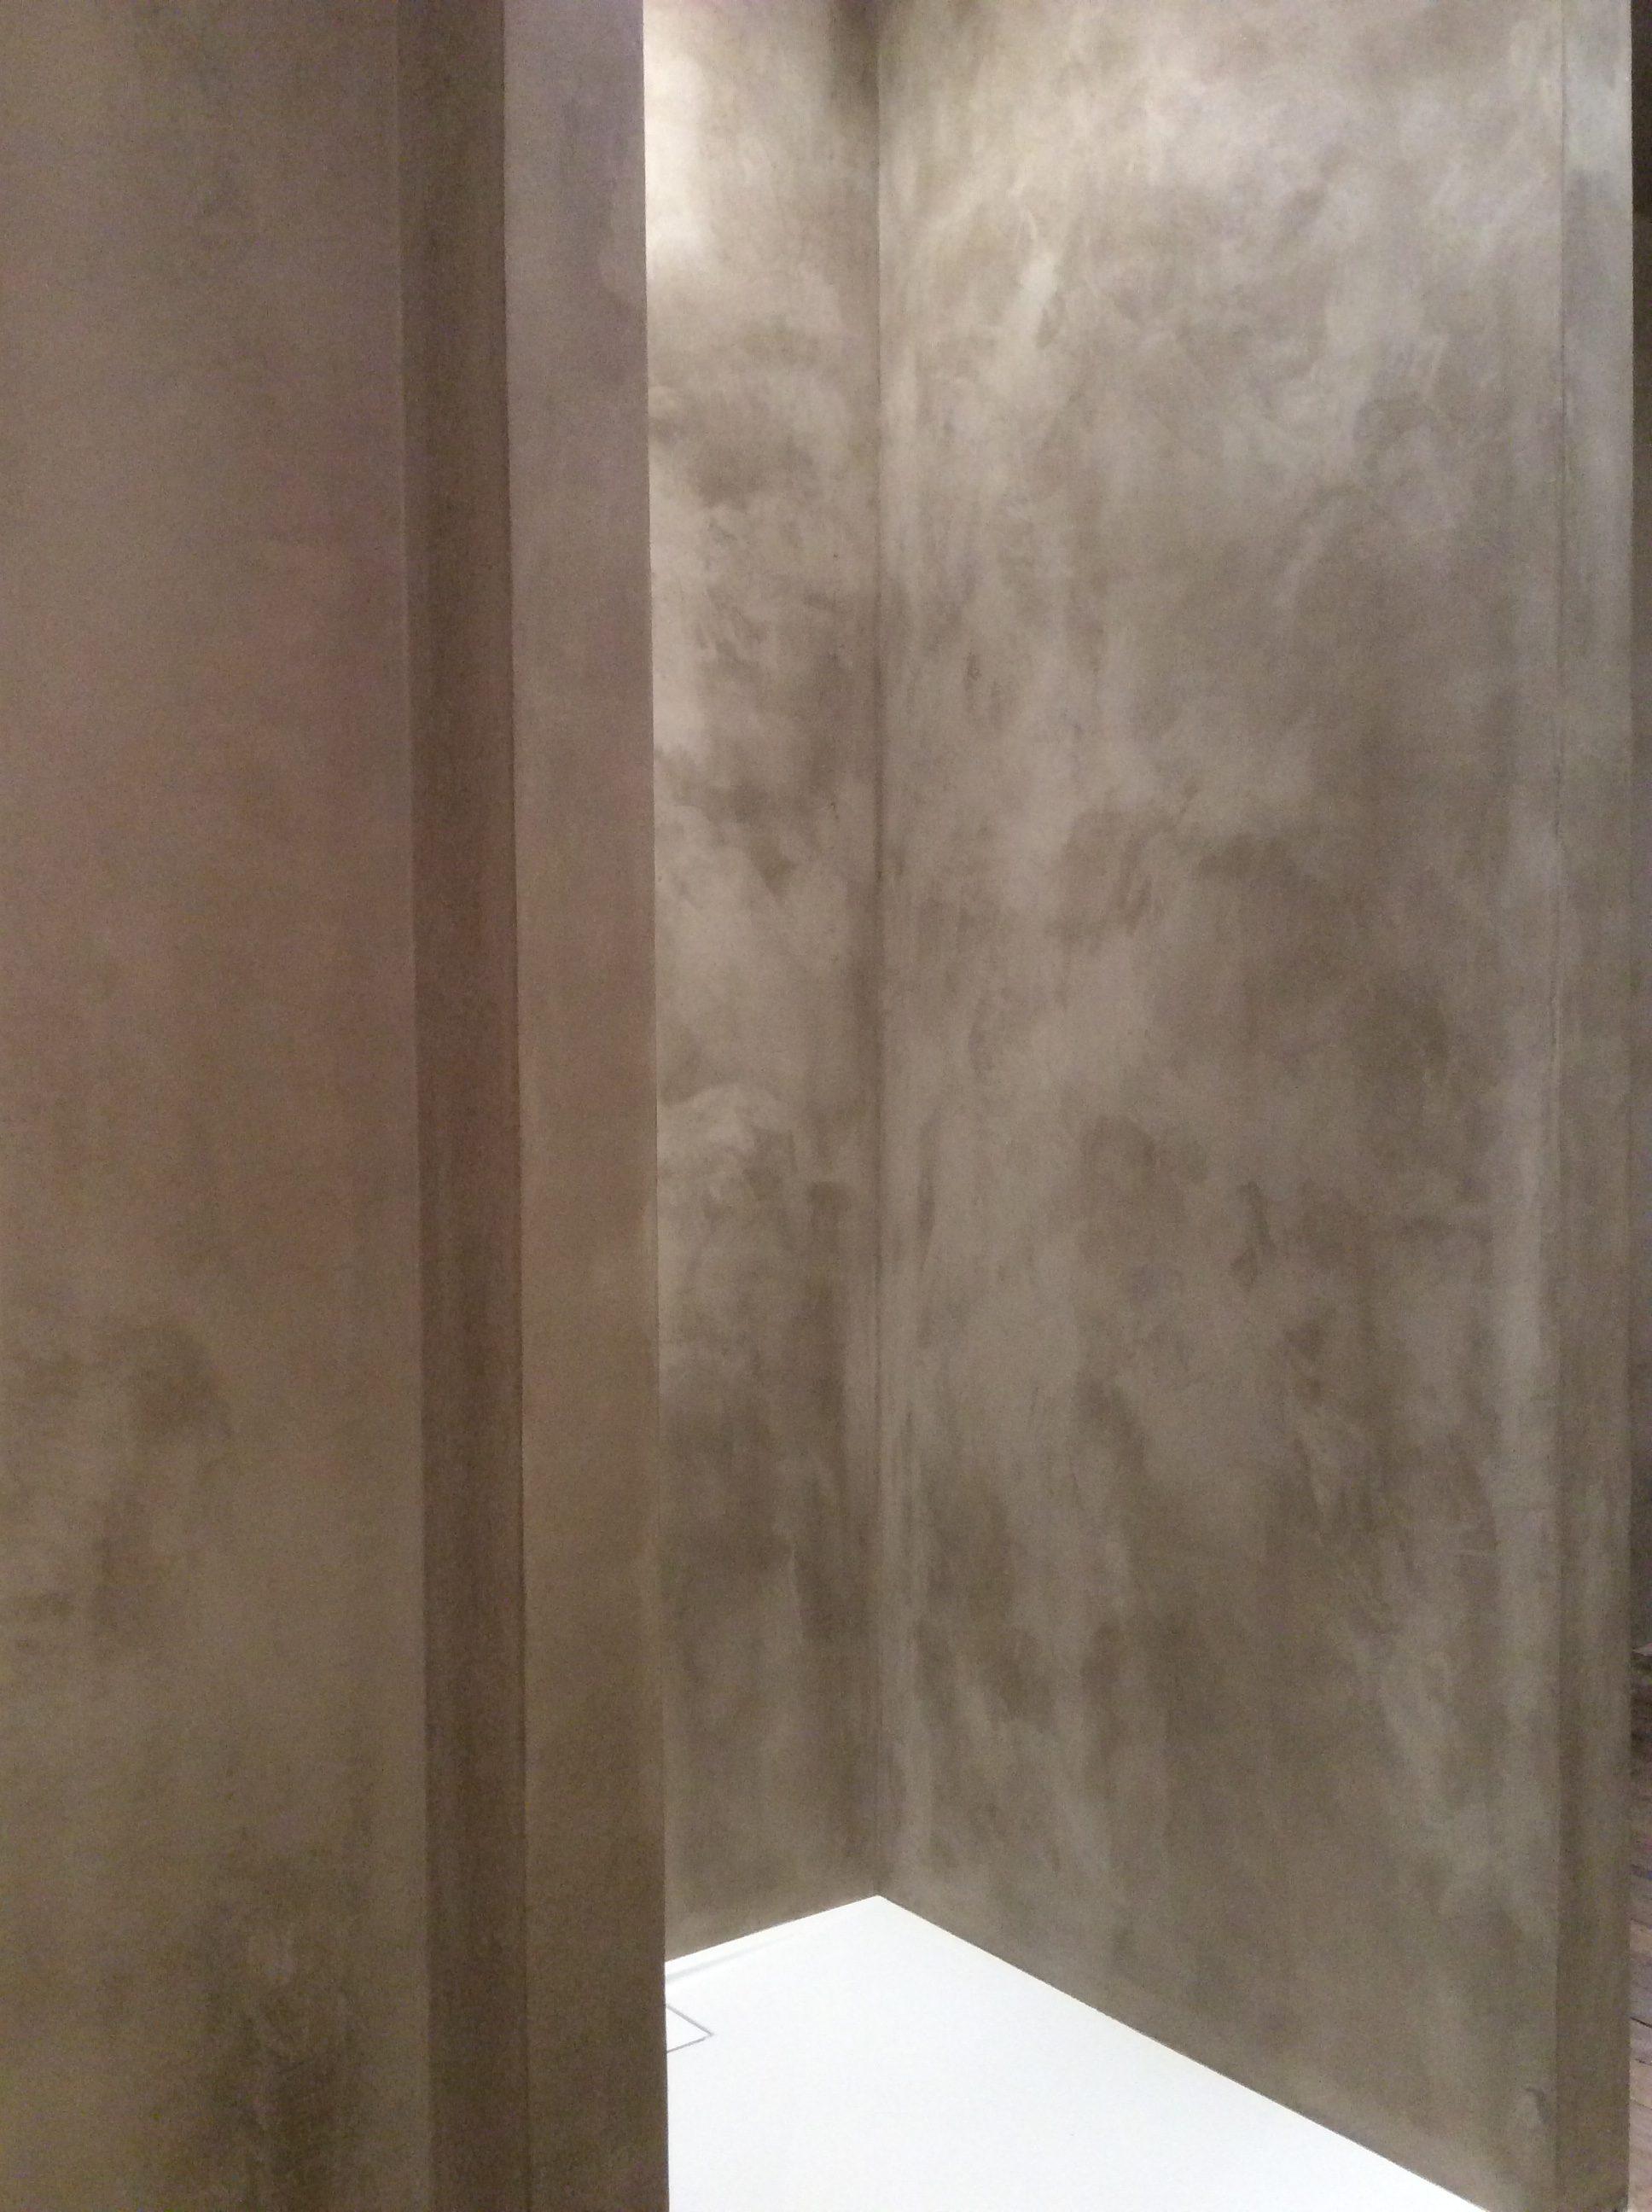 béton ciré de chaux ; béton ciré naturel ; yonne ; béton Puisaye ; Treigny ; Isol Naturel ; béton ciré à la chaux ;béton ciré dans une cabine de douche ; béton ciré dans la douche ; douche contemporaine ; douche sans joint ; une touche contemporaine dans la salle de bains ; béton ciré dans la salle de bain ; béton sur les murs ; rénovation de douche ; cabine de douche moderne ; béton ciré dans intérieur ancien ; vieille maison ; revêtement de douche